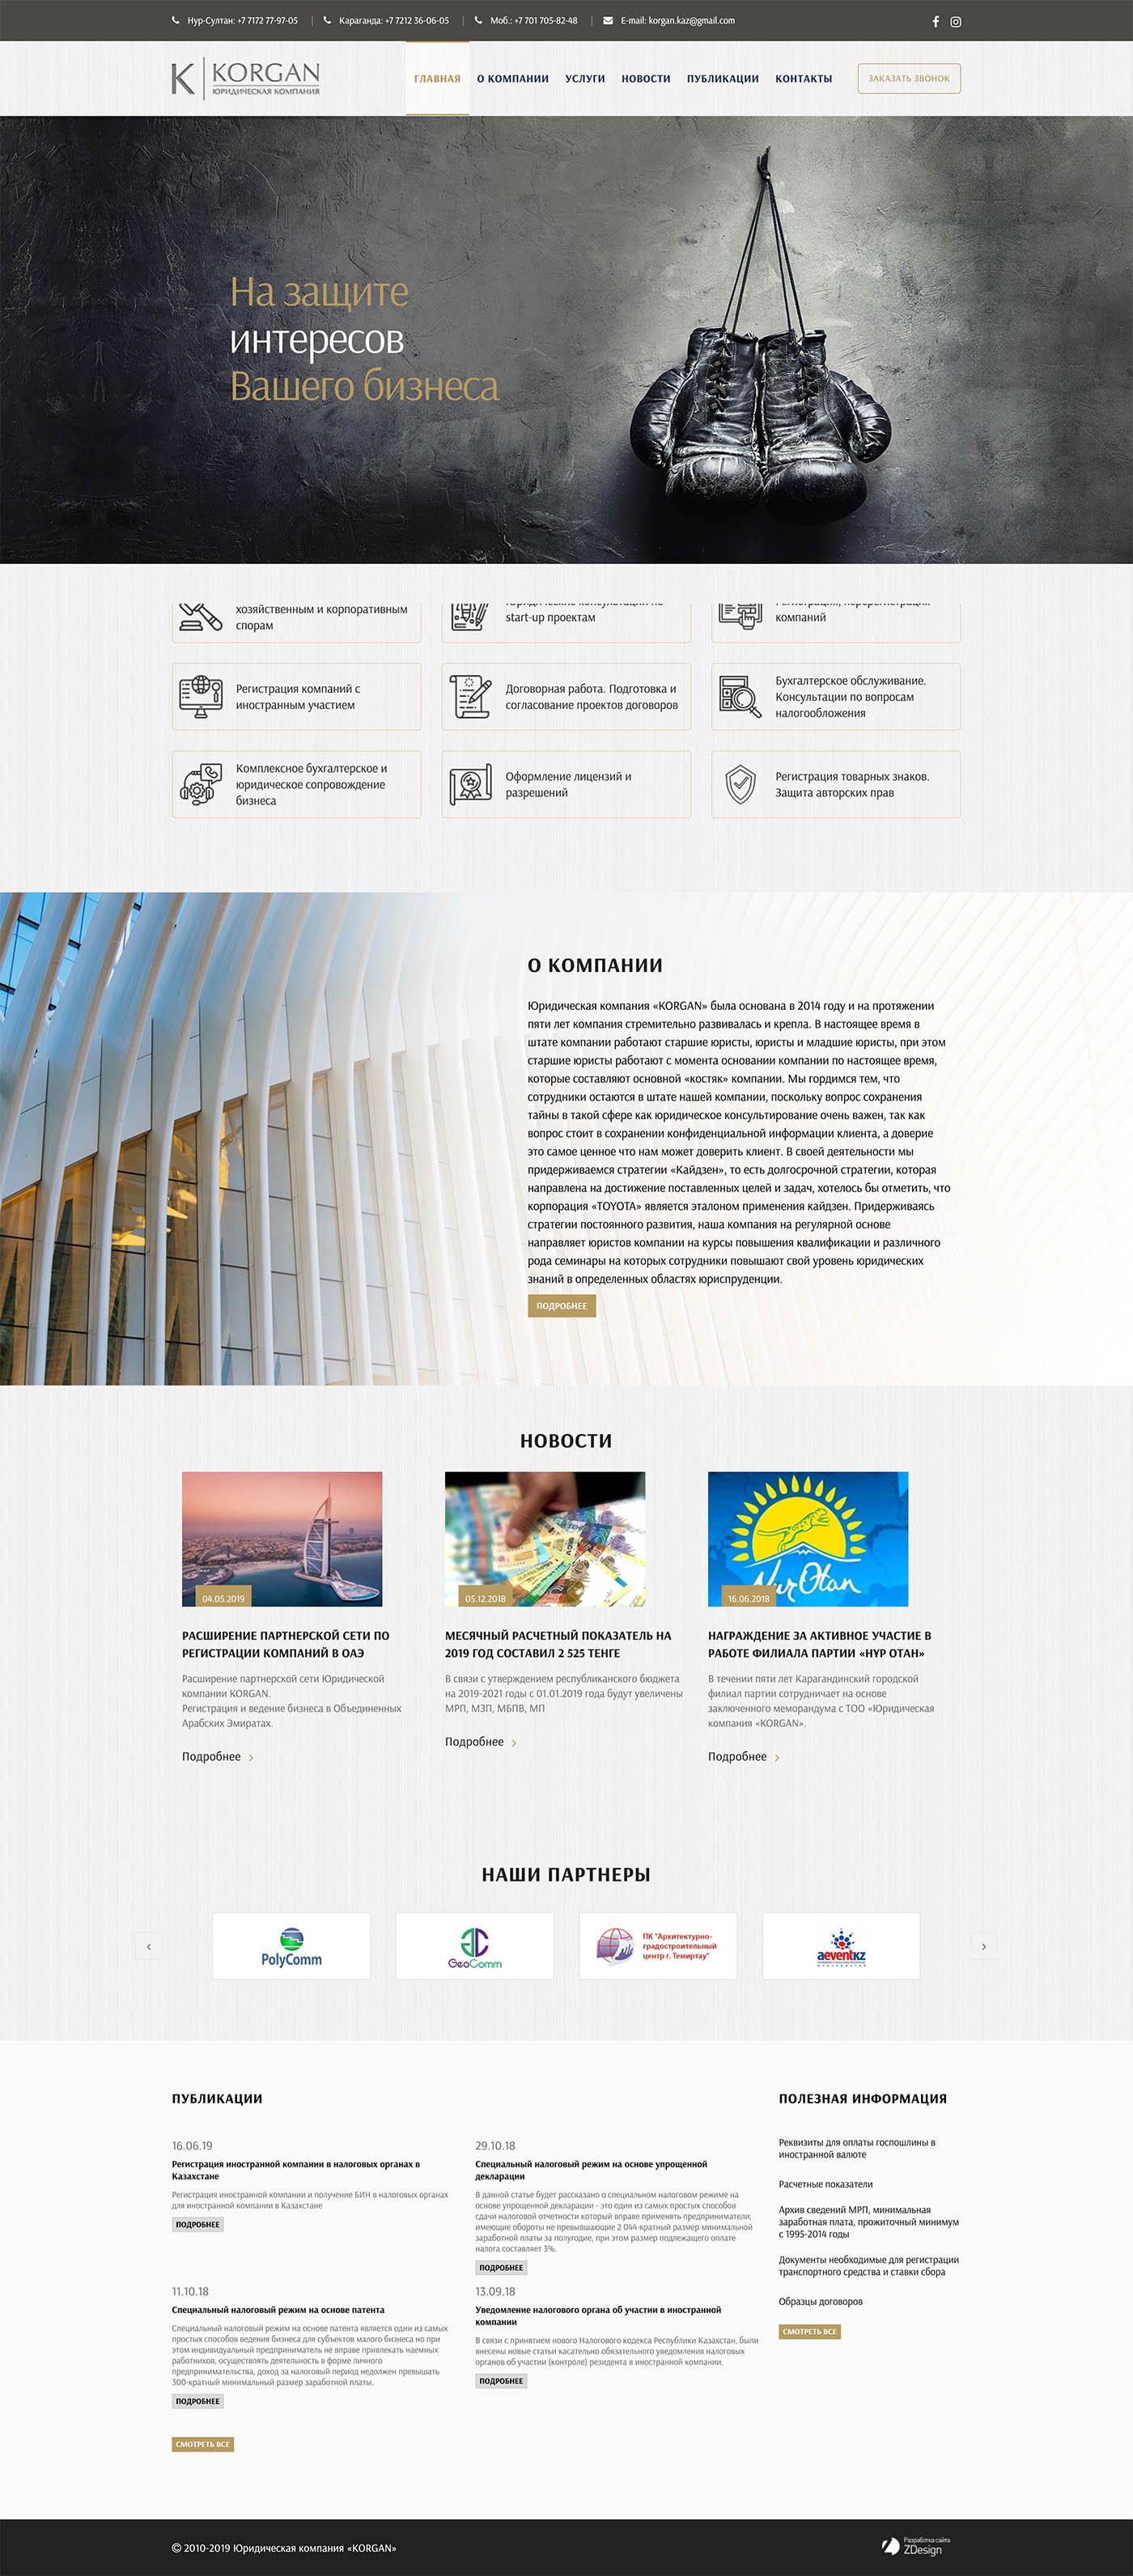 Редизайн и мобильная адаптация сайта юридической фирмы в Нур-Султане